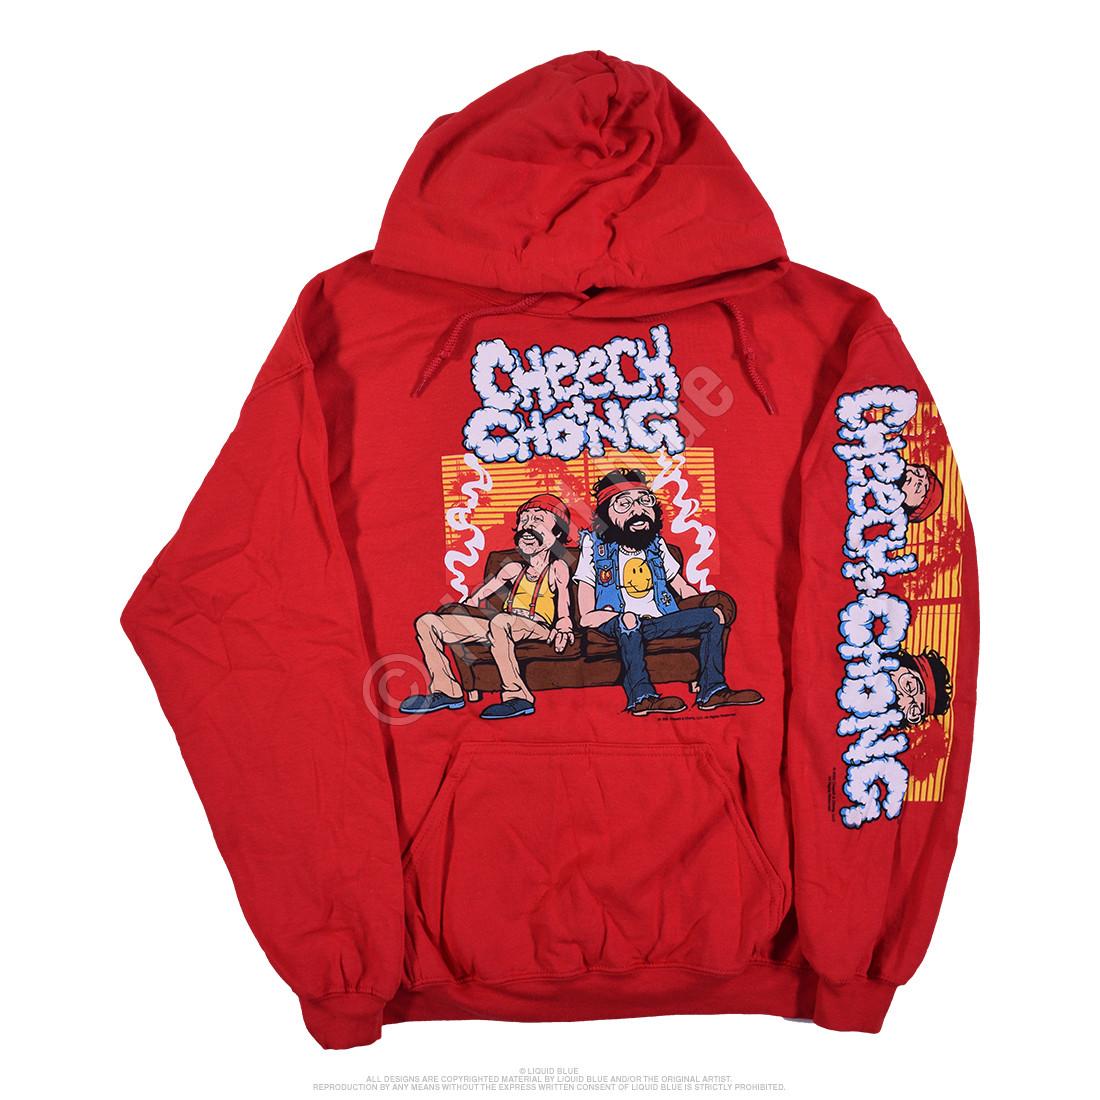 Couch Locked Red Sleeve Printed Hoodie